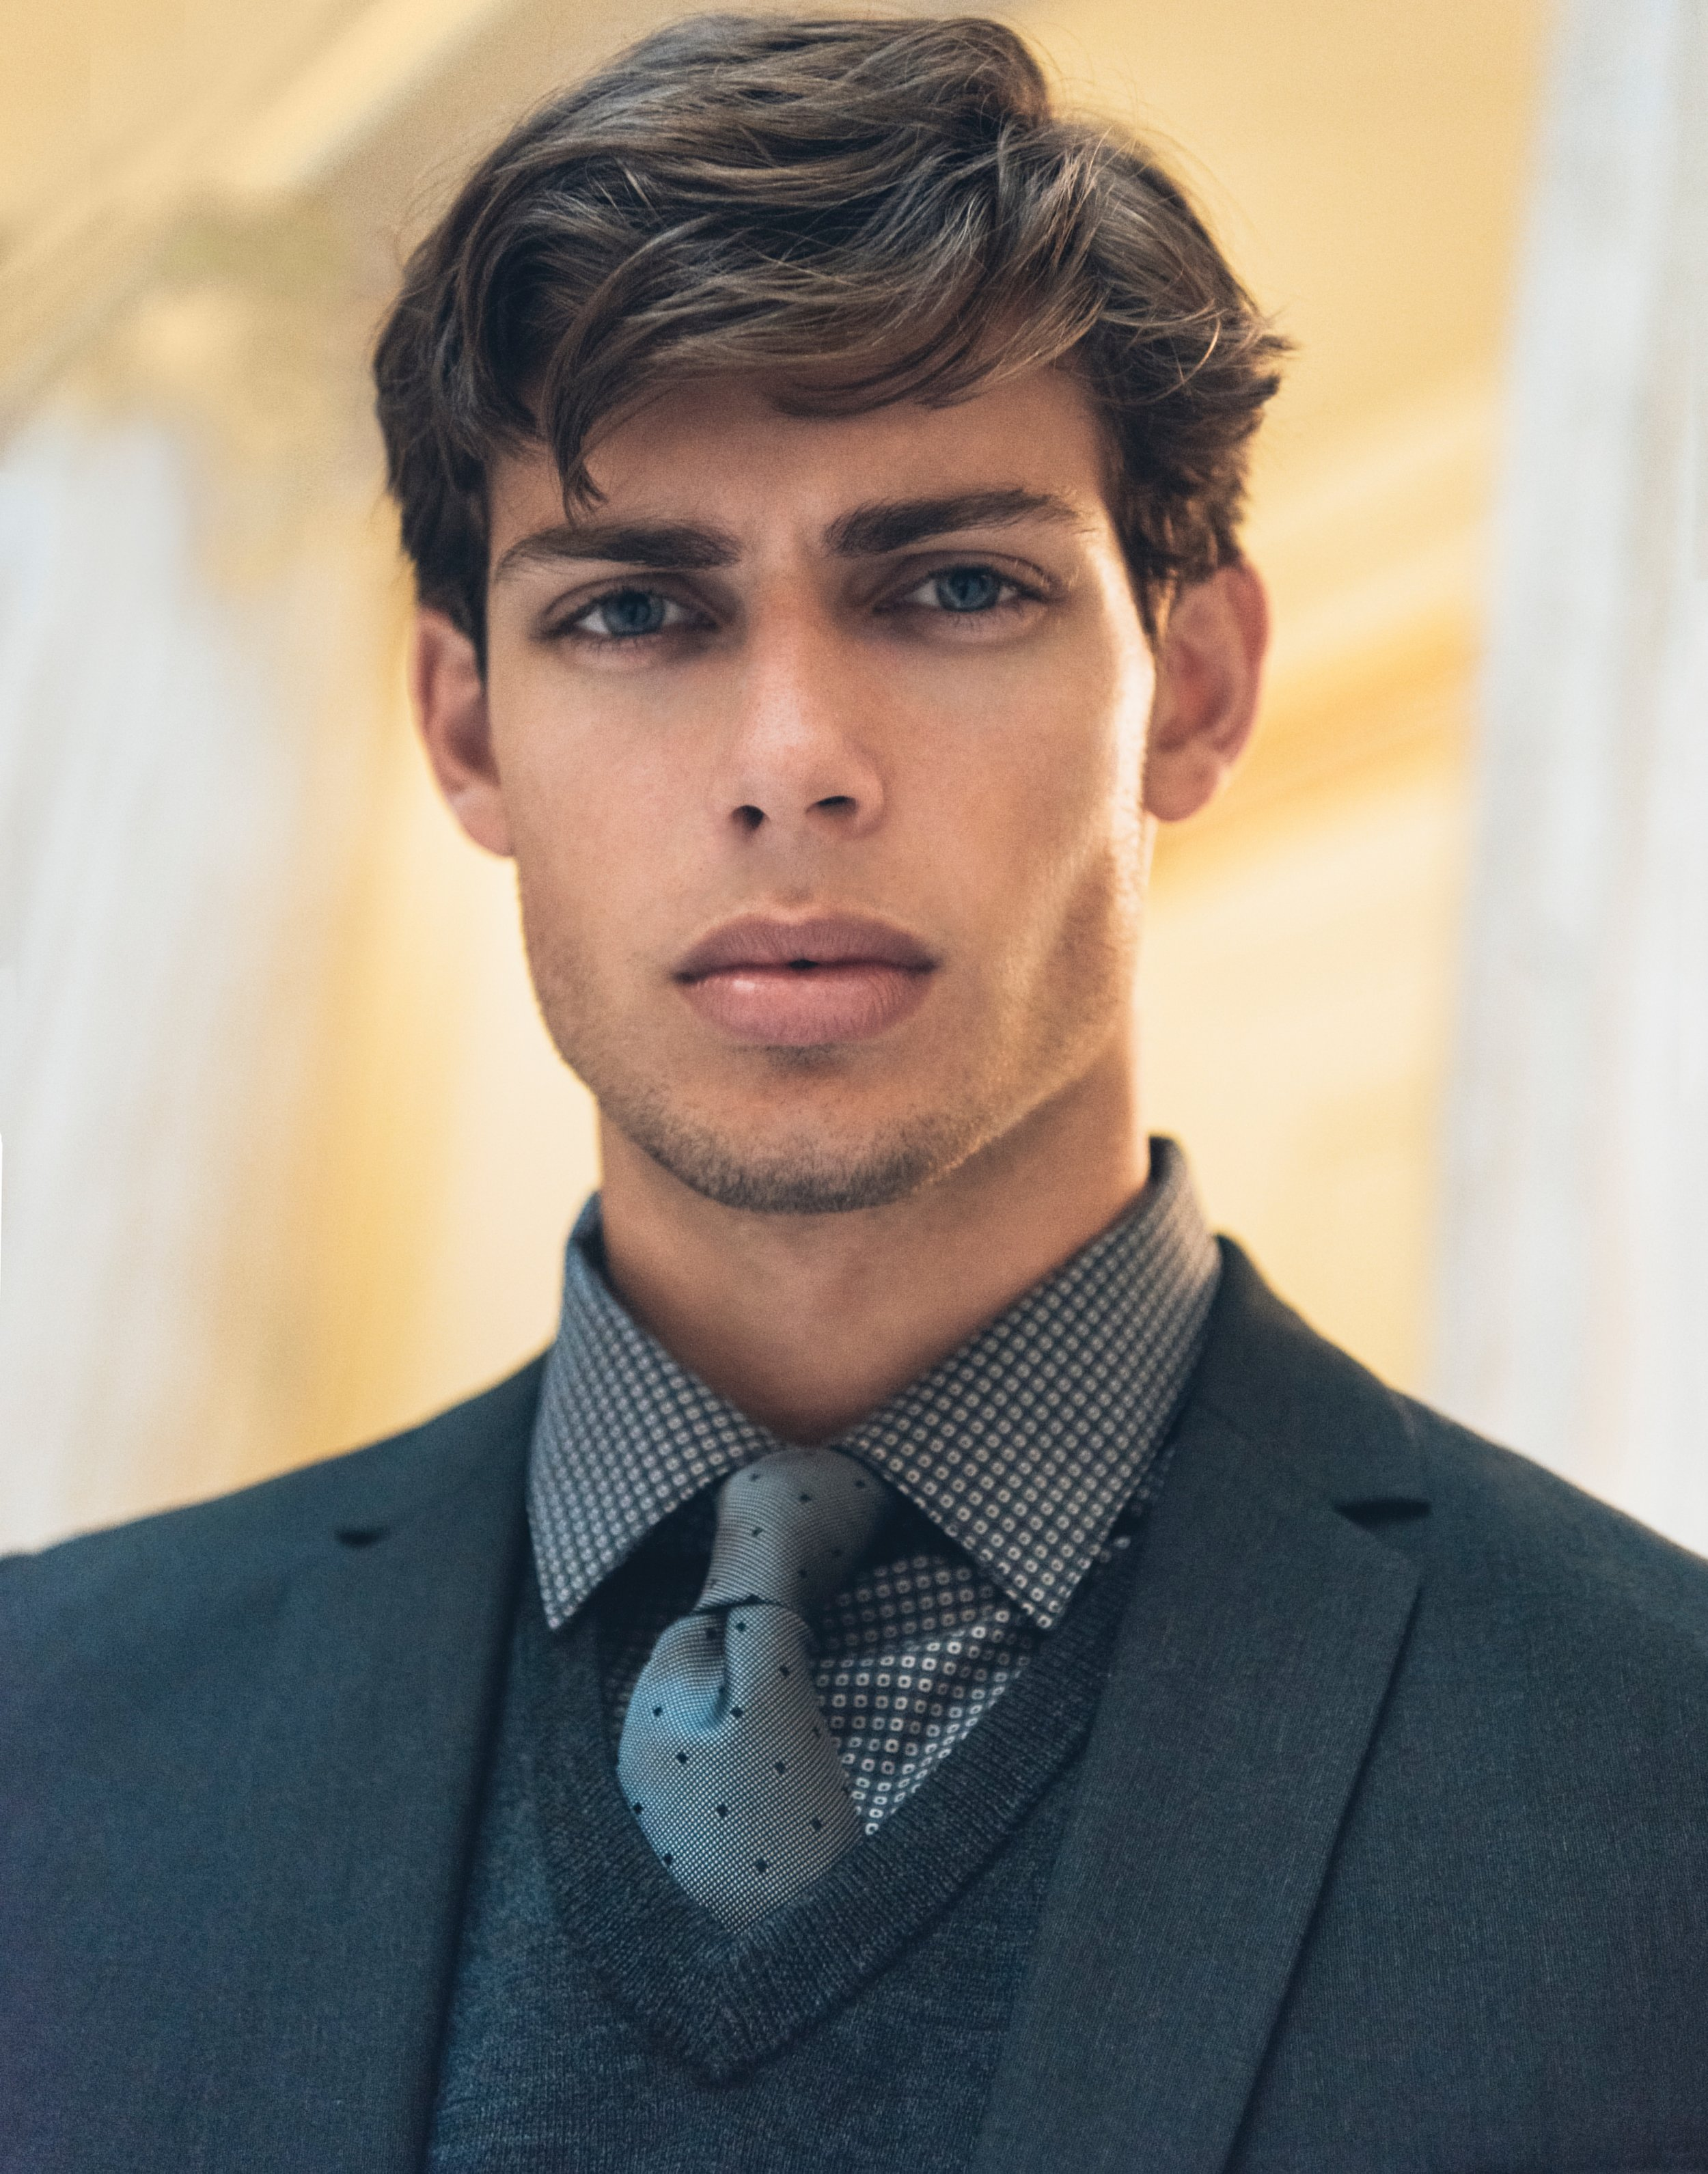 Samuel Lane | Ford Models New York